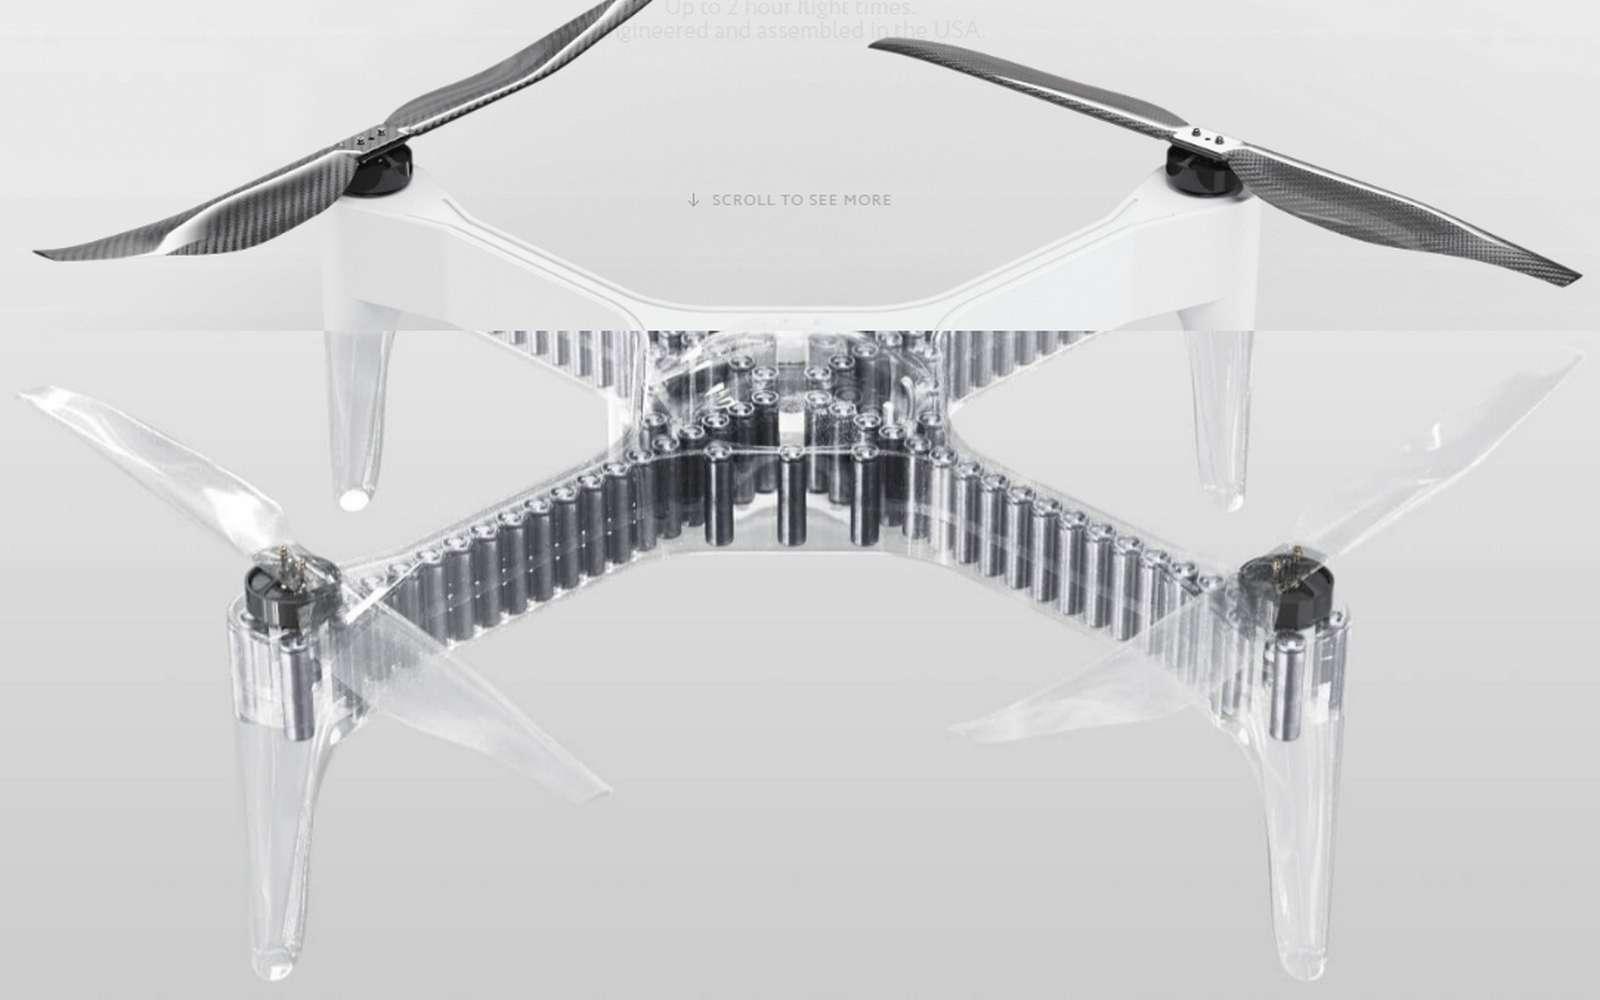 Une vue par transparence de l'intérieur du châssis du drone US-1 qui renferme des dizaines de batteries lithium-ion. © Impossible Aerospace